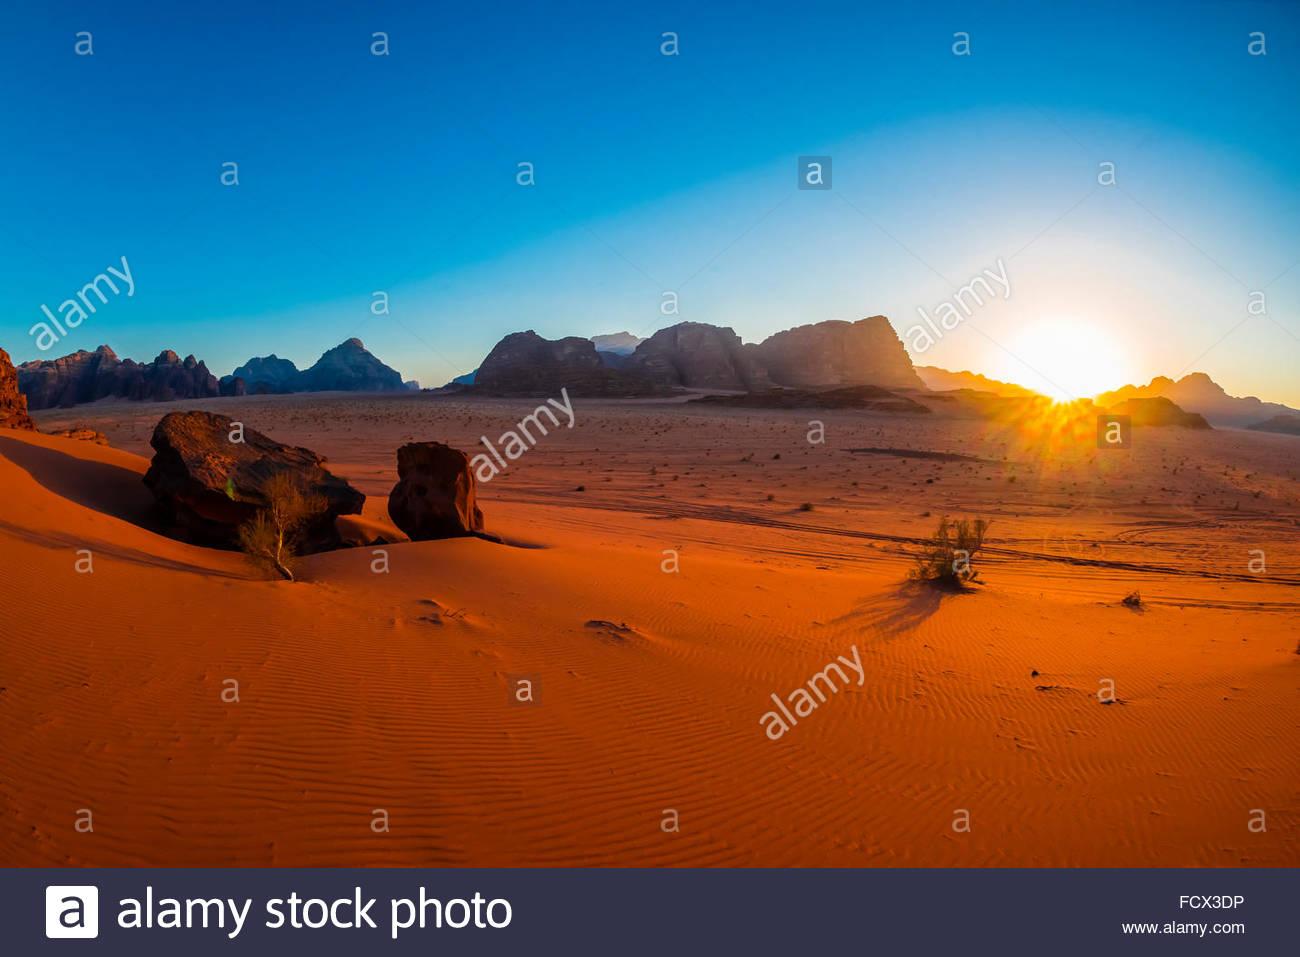 Arabian Desert, Wadi Rum, Jordan. - Stock Image